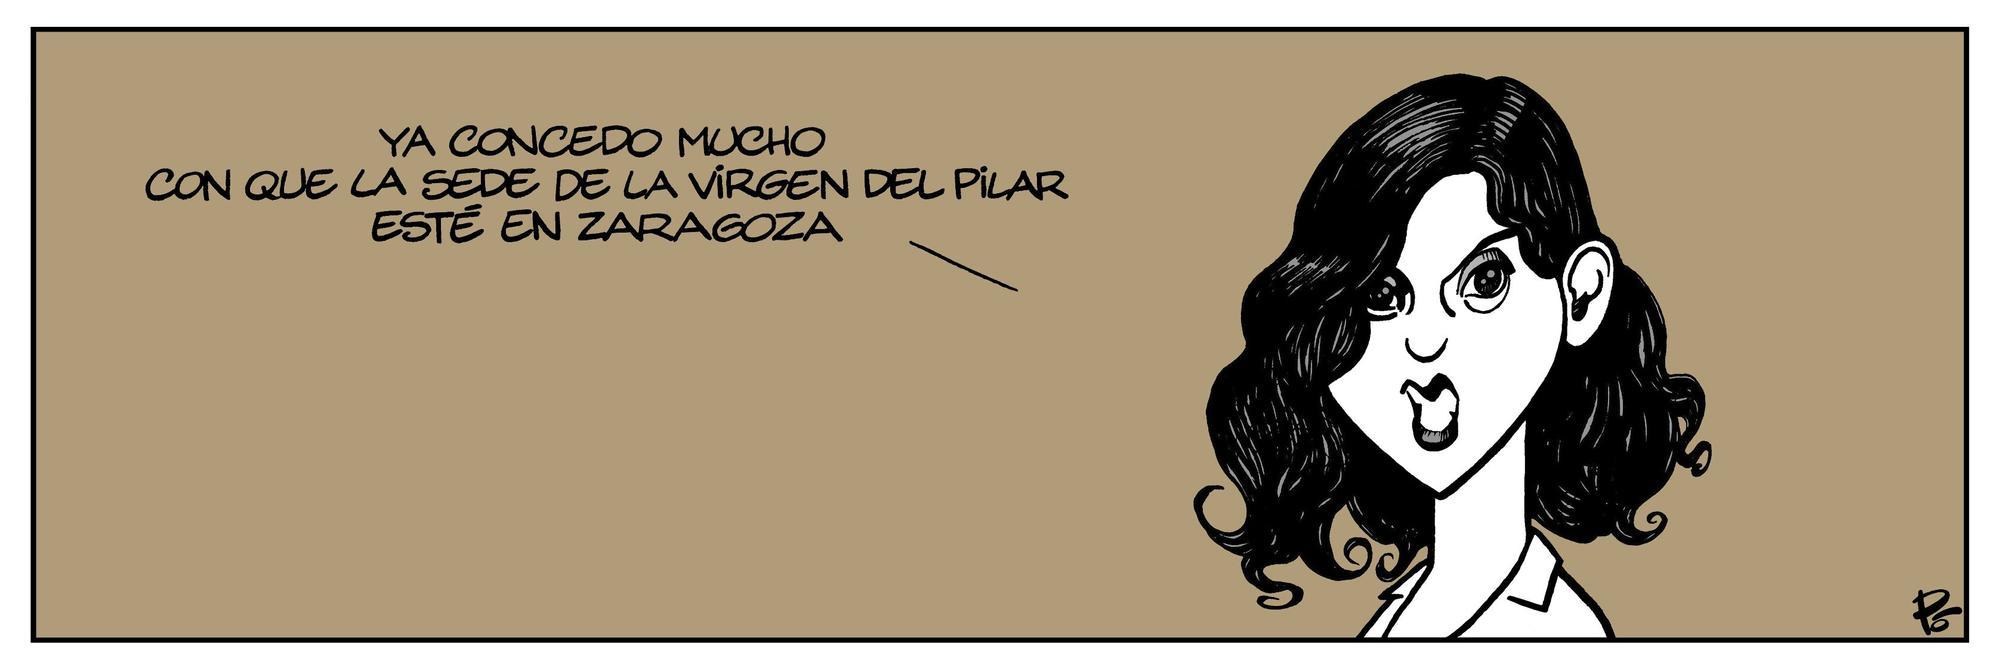 La tira de Postigo del 12 de octubre de 20121